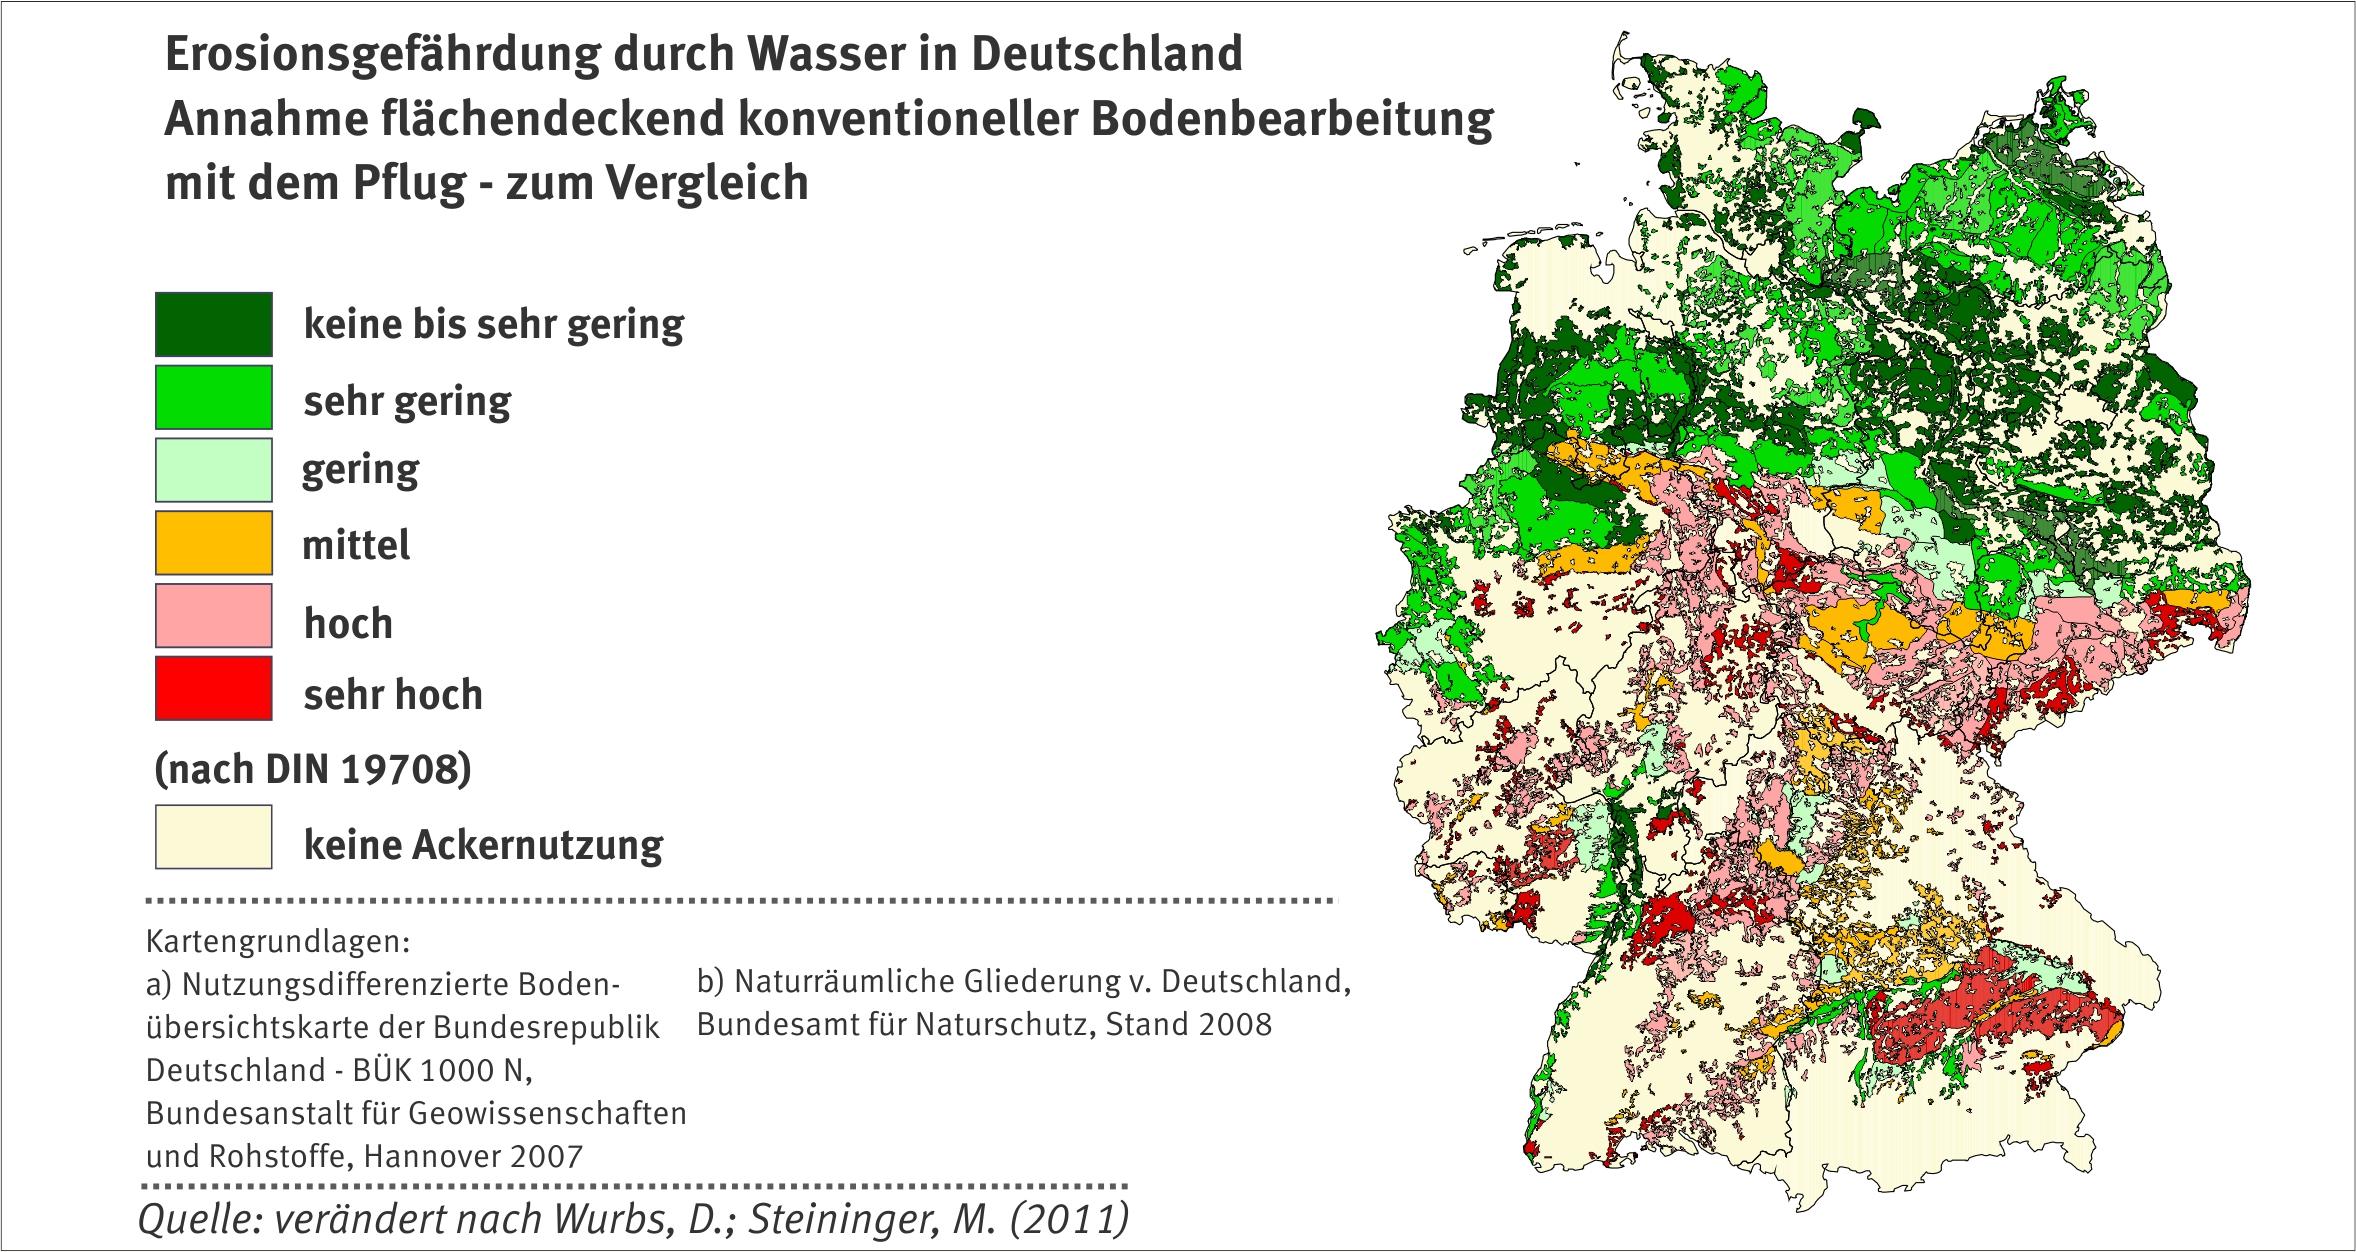 Erosion umweltbundesamt for Boden germany